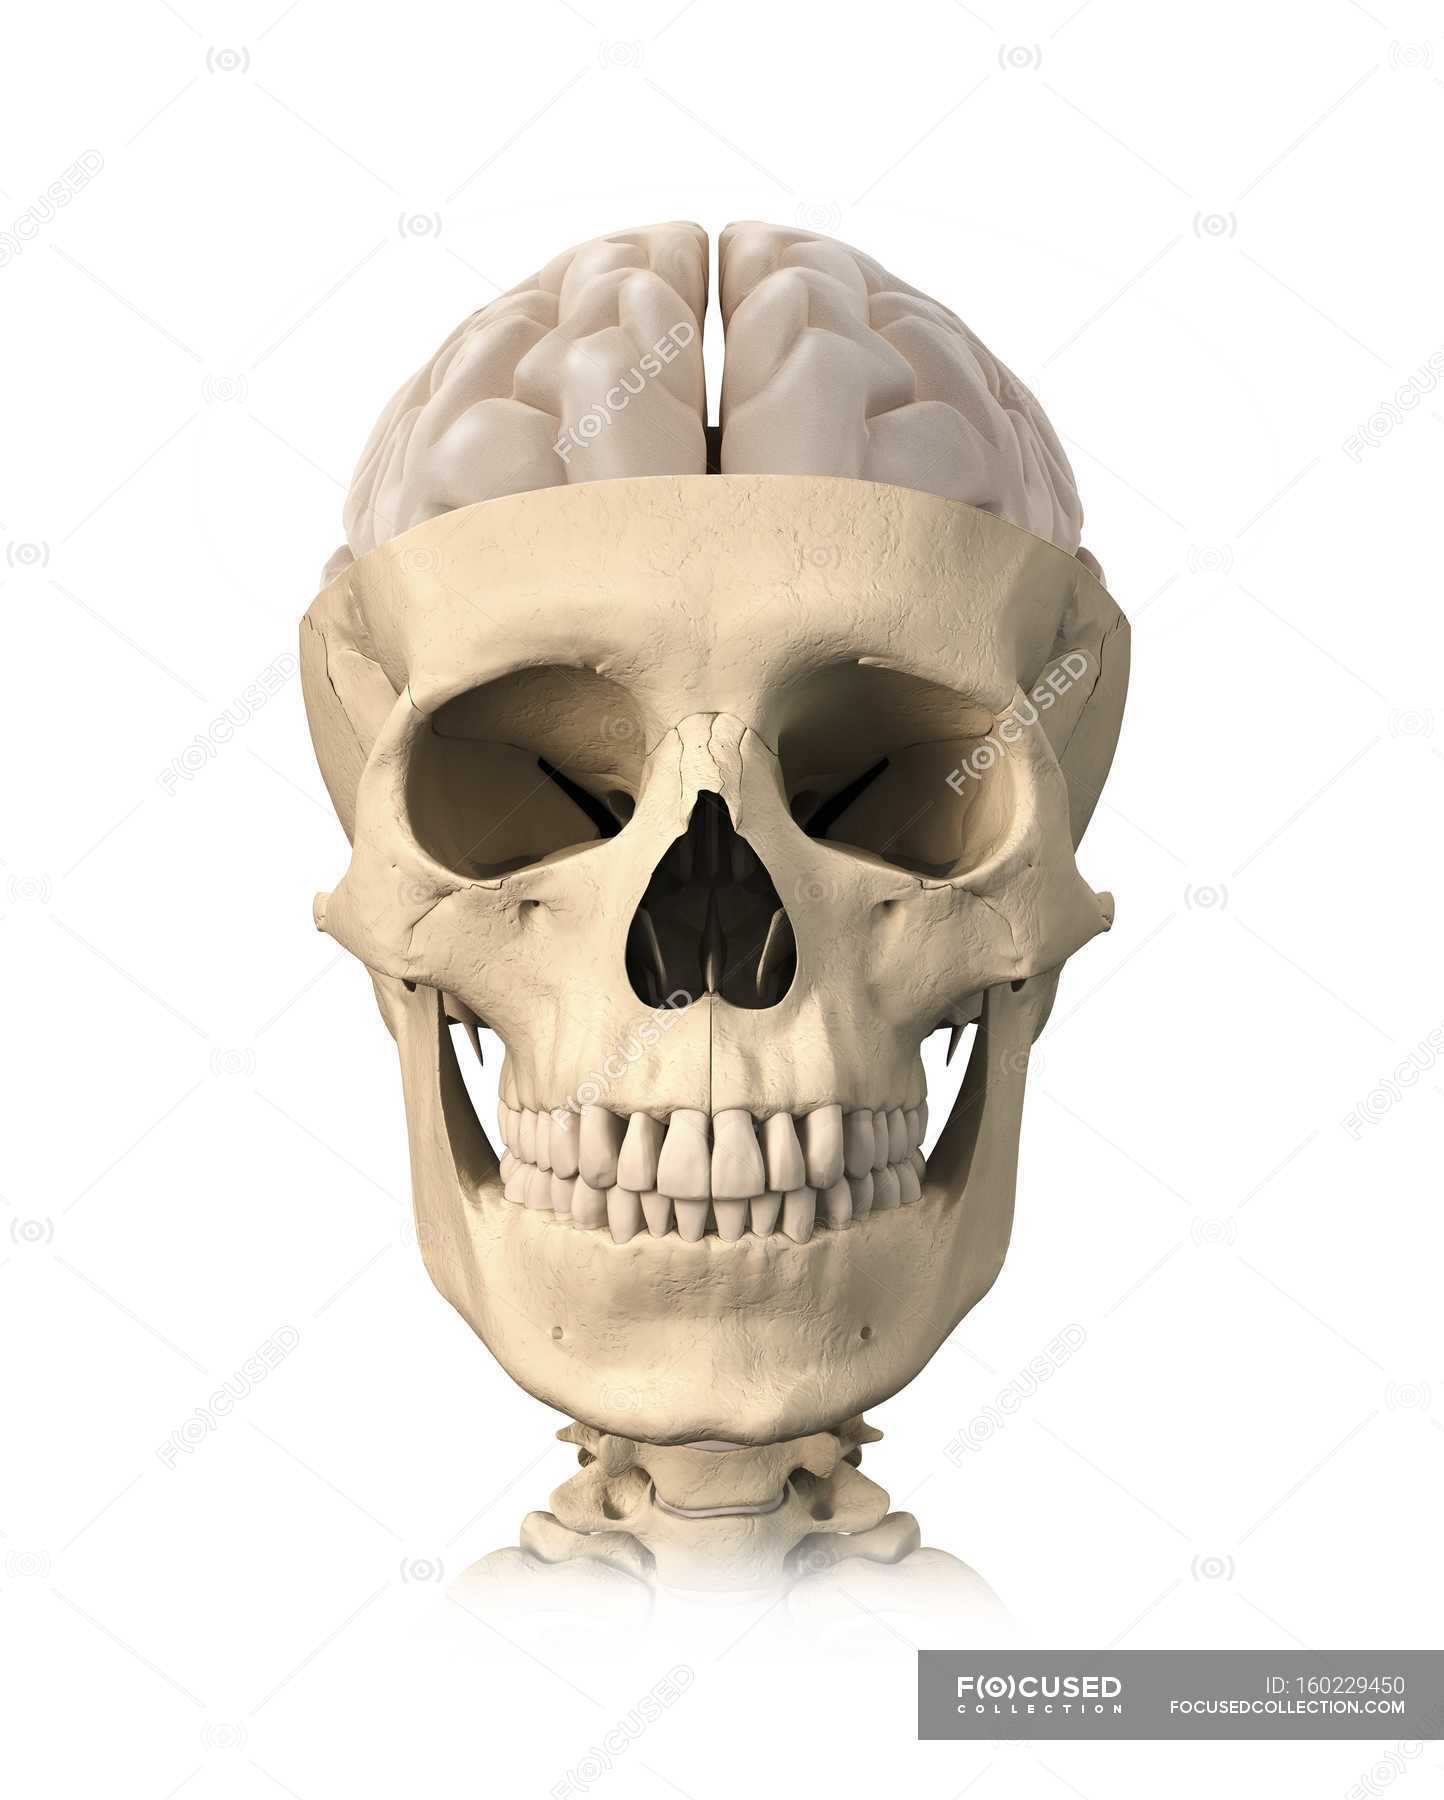 Human skull and brain anatomy — Stock Photo | #160229450